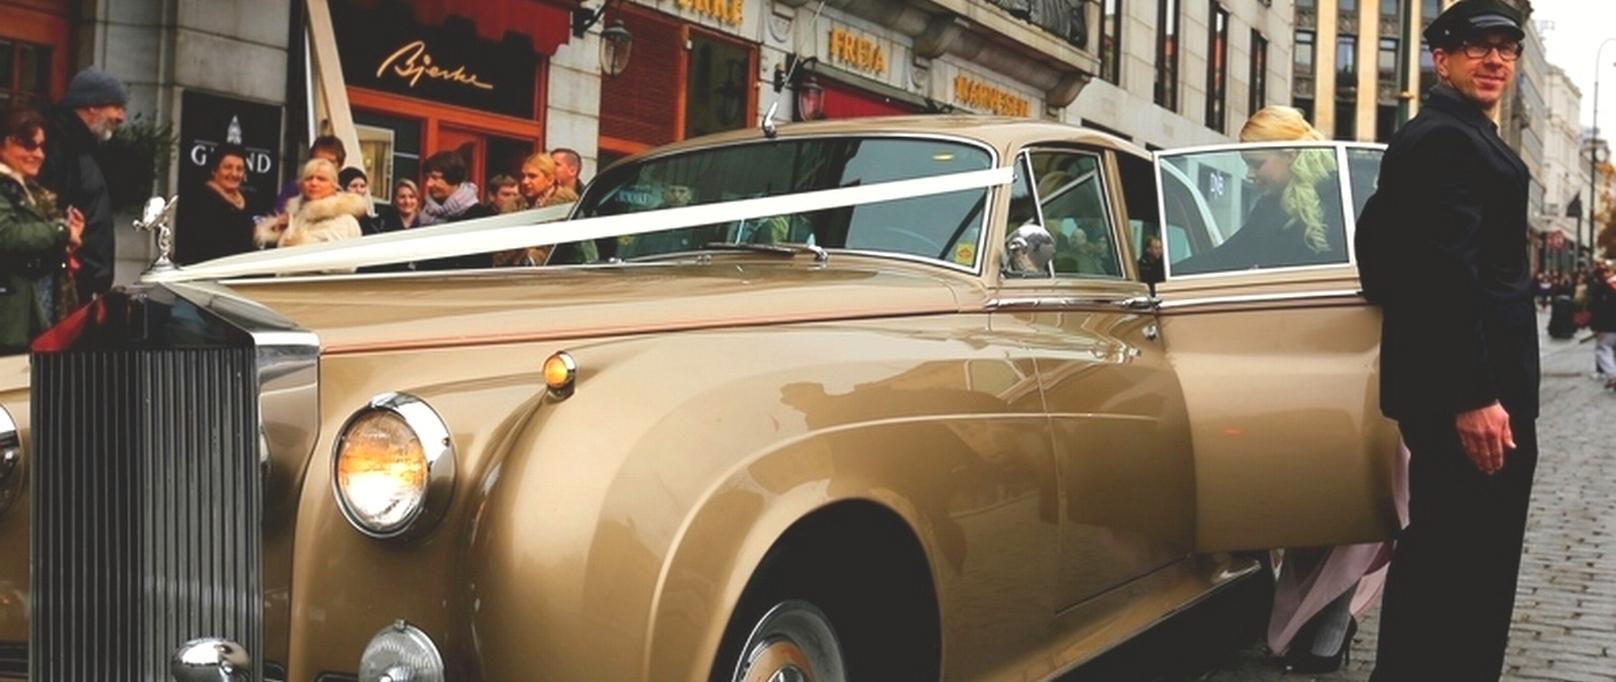 Bryllupstransporten er klar. Gullfarget Rolls-Royce med chauffeur utenfor Grand Hotel Oslo